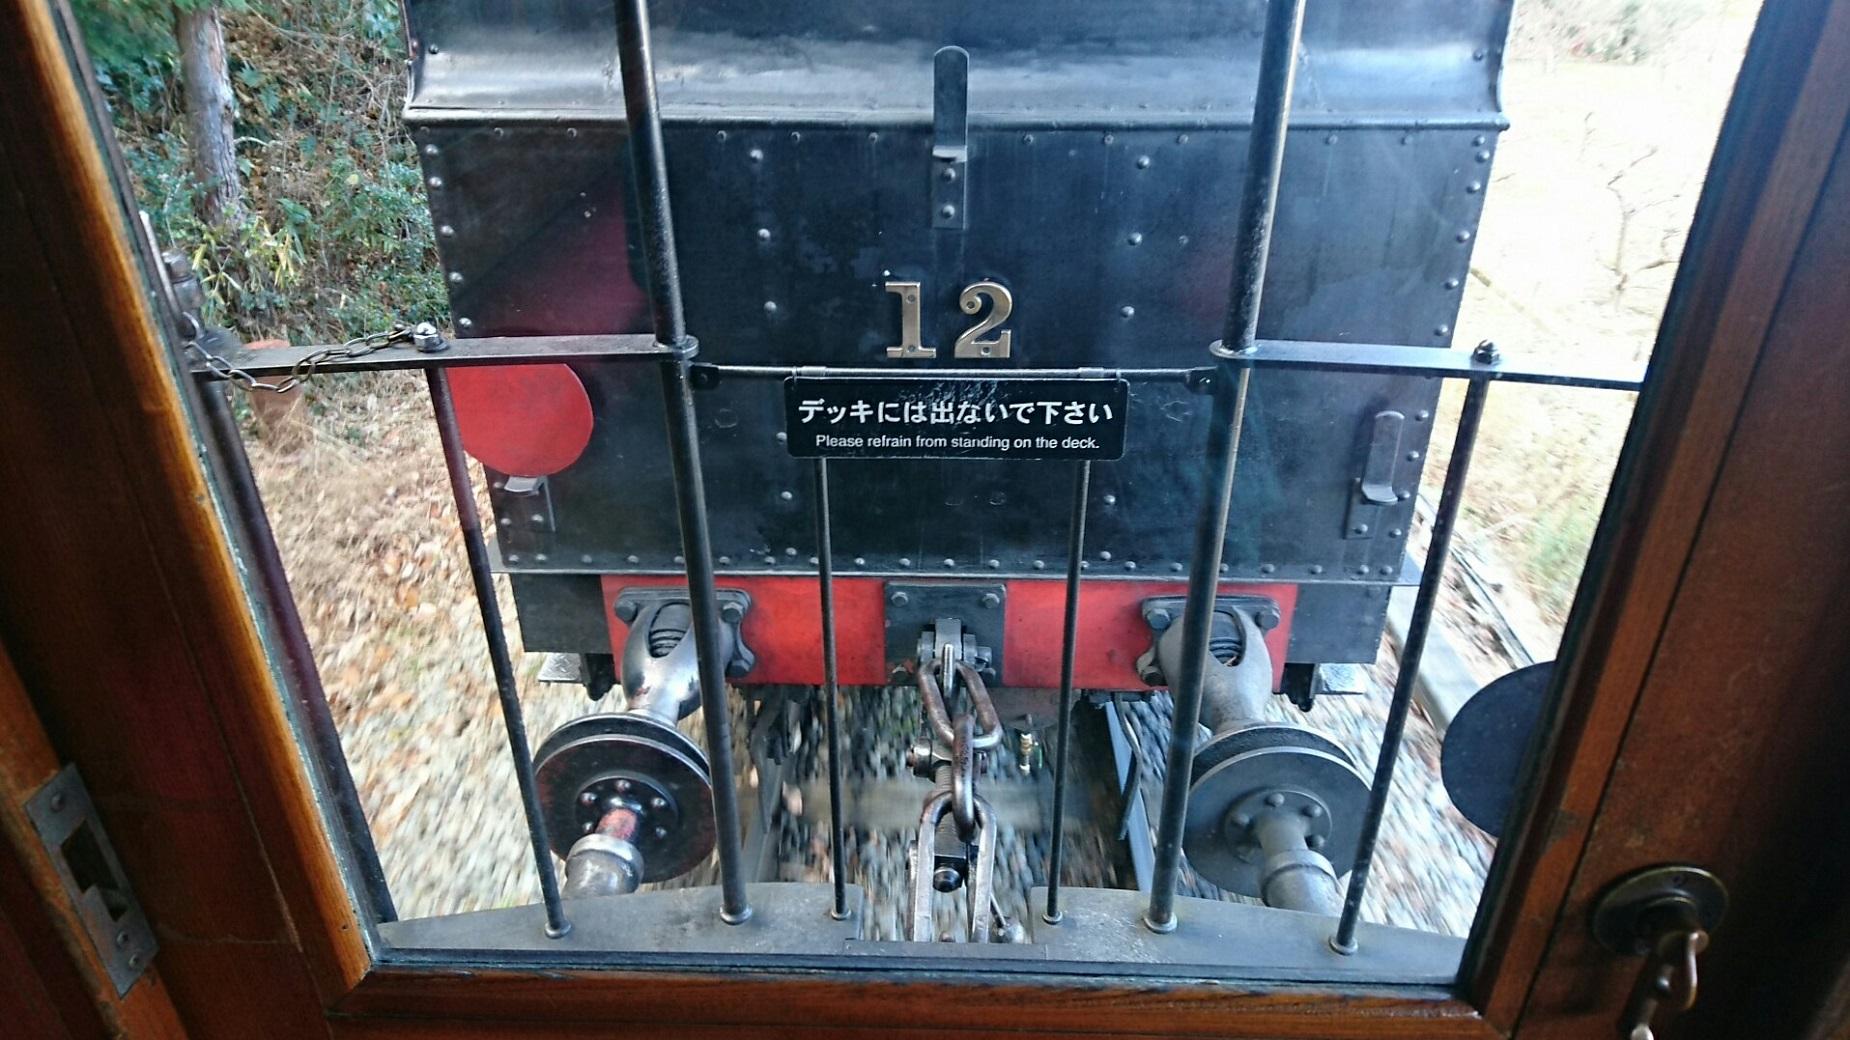 2017.12.28 明治村 (12) 蒸気機関車 1850-1040